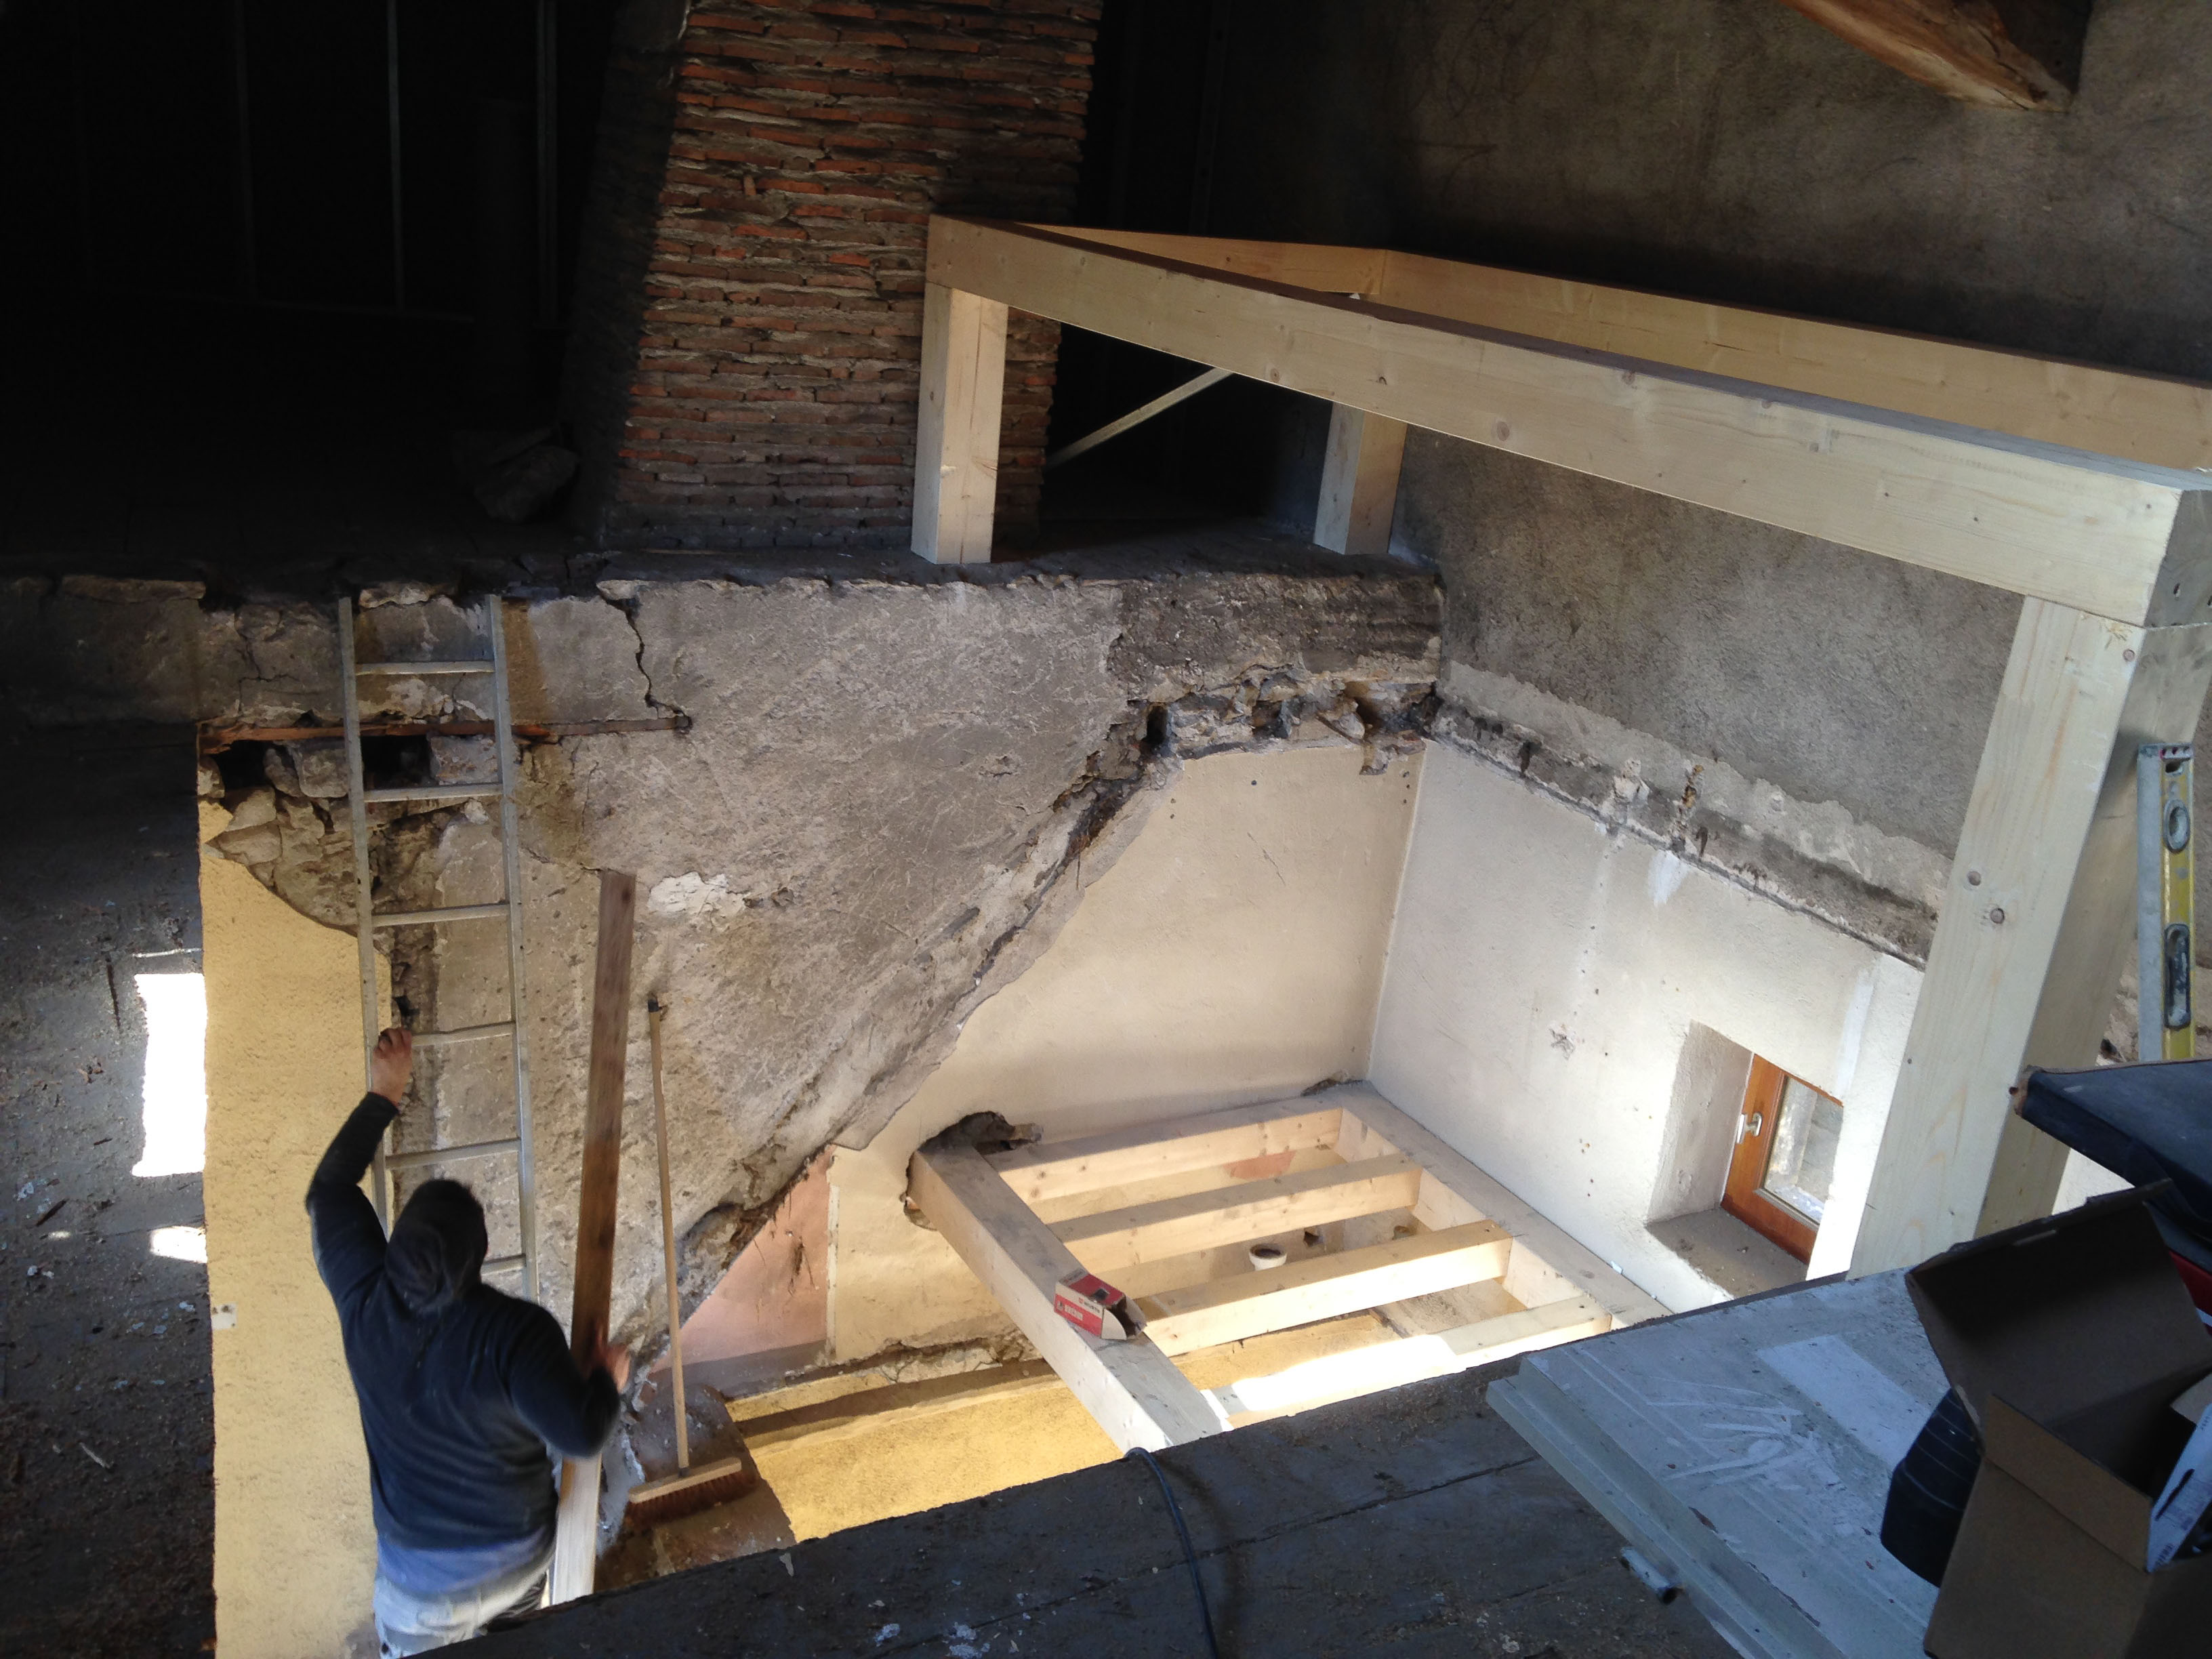 rénovation_maison_azergues_restauration_rehabilitation_construction_maison_ancienne_presbytère-2